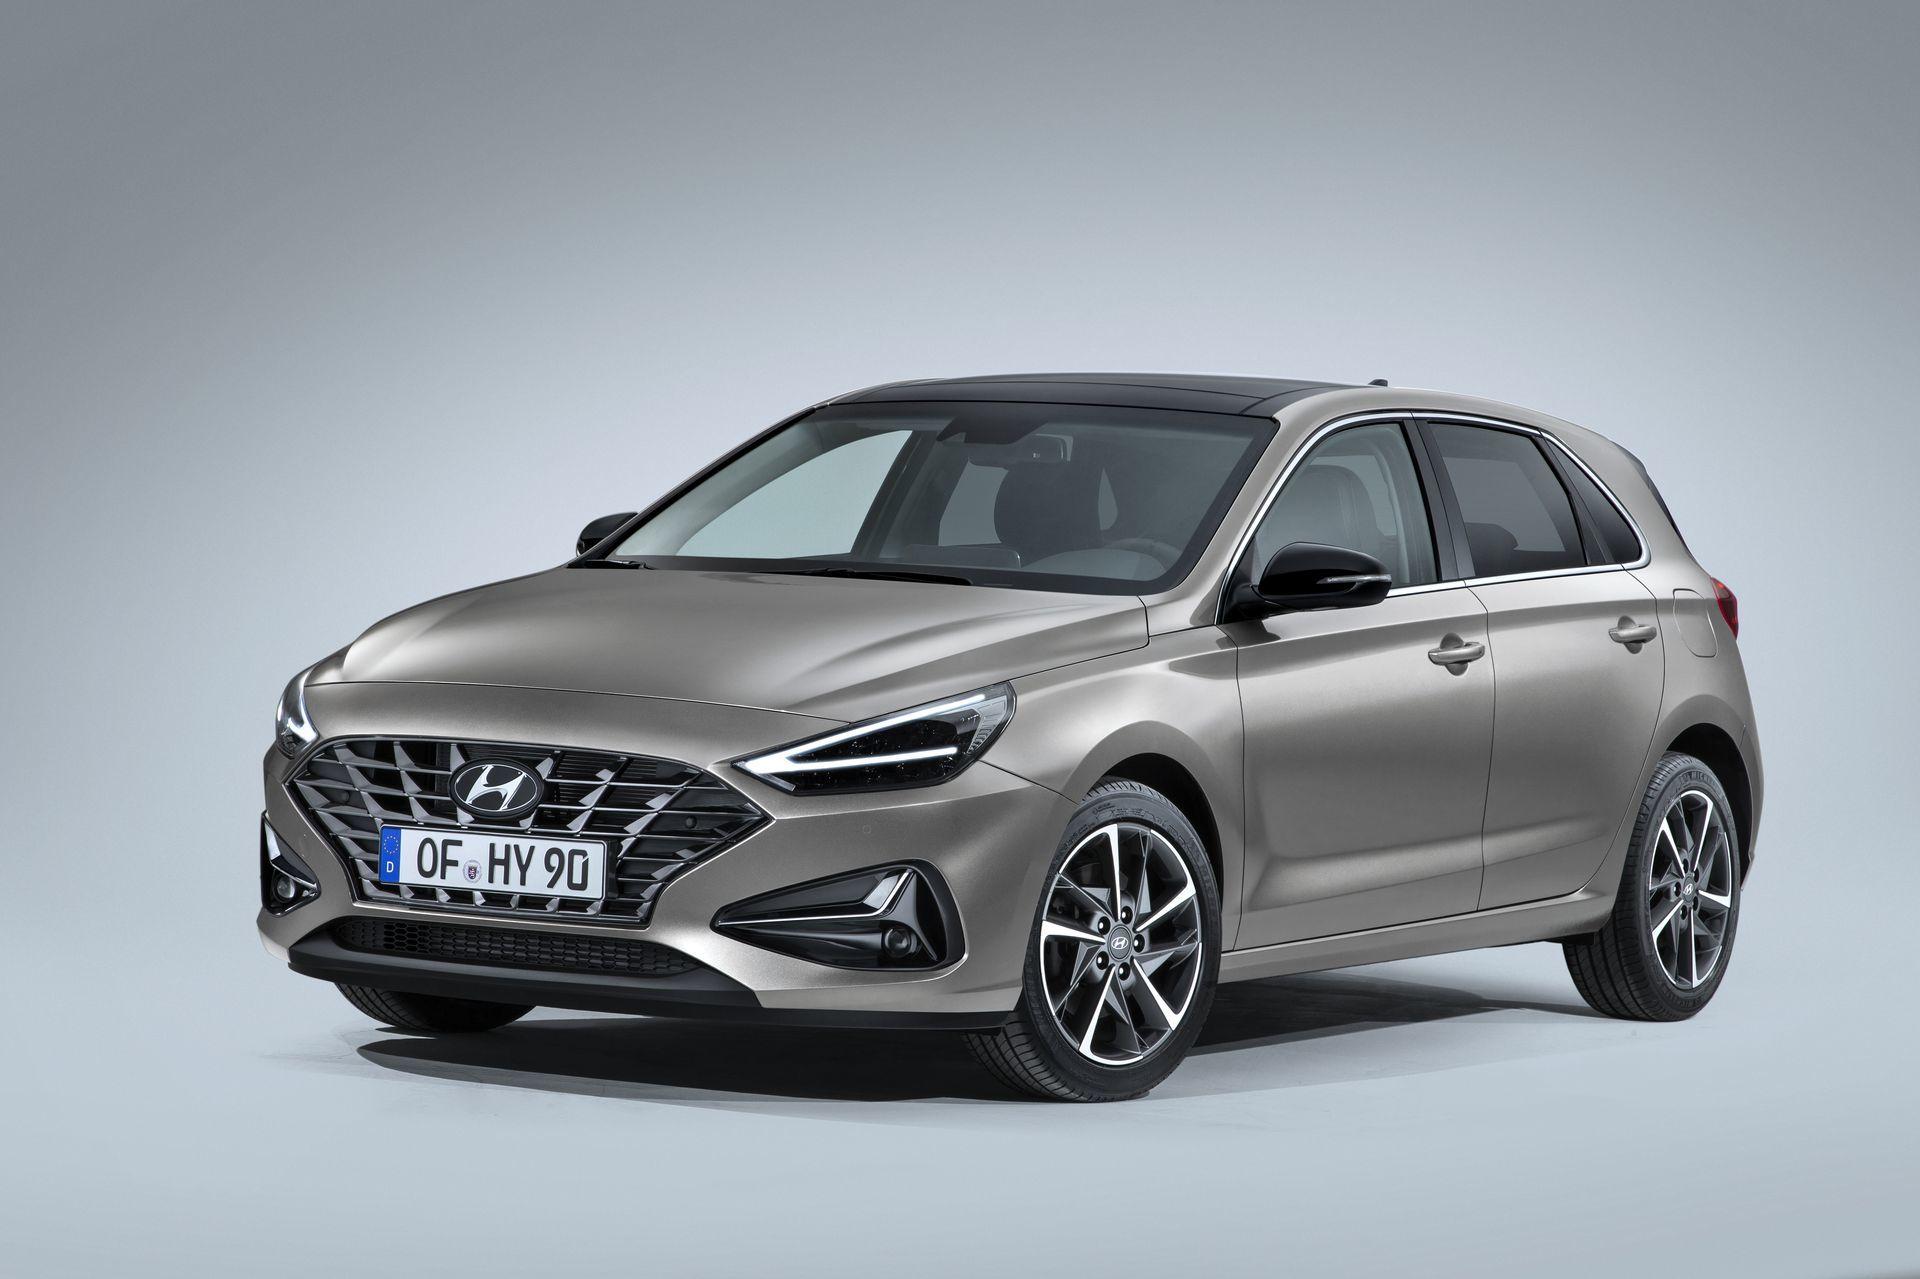 Hyundai I30 5p 1.0 T-gdi 120 Klass 6v 5p